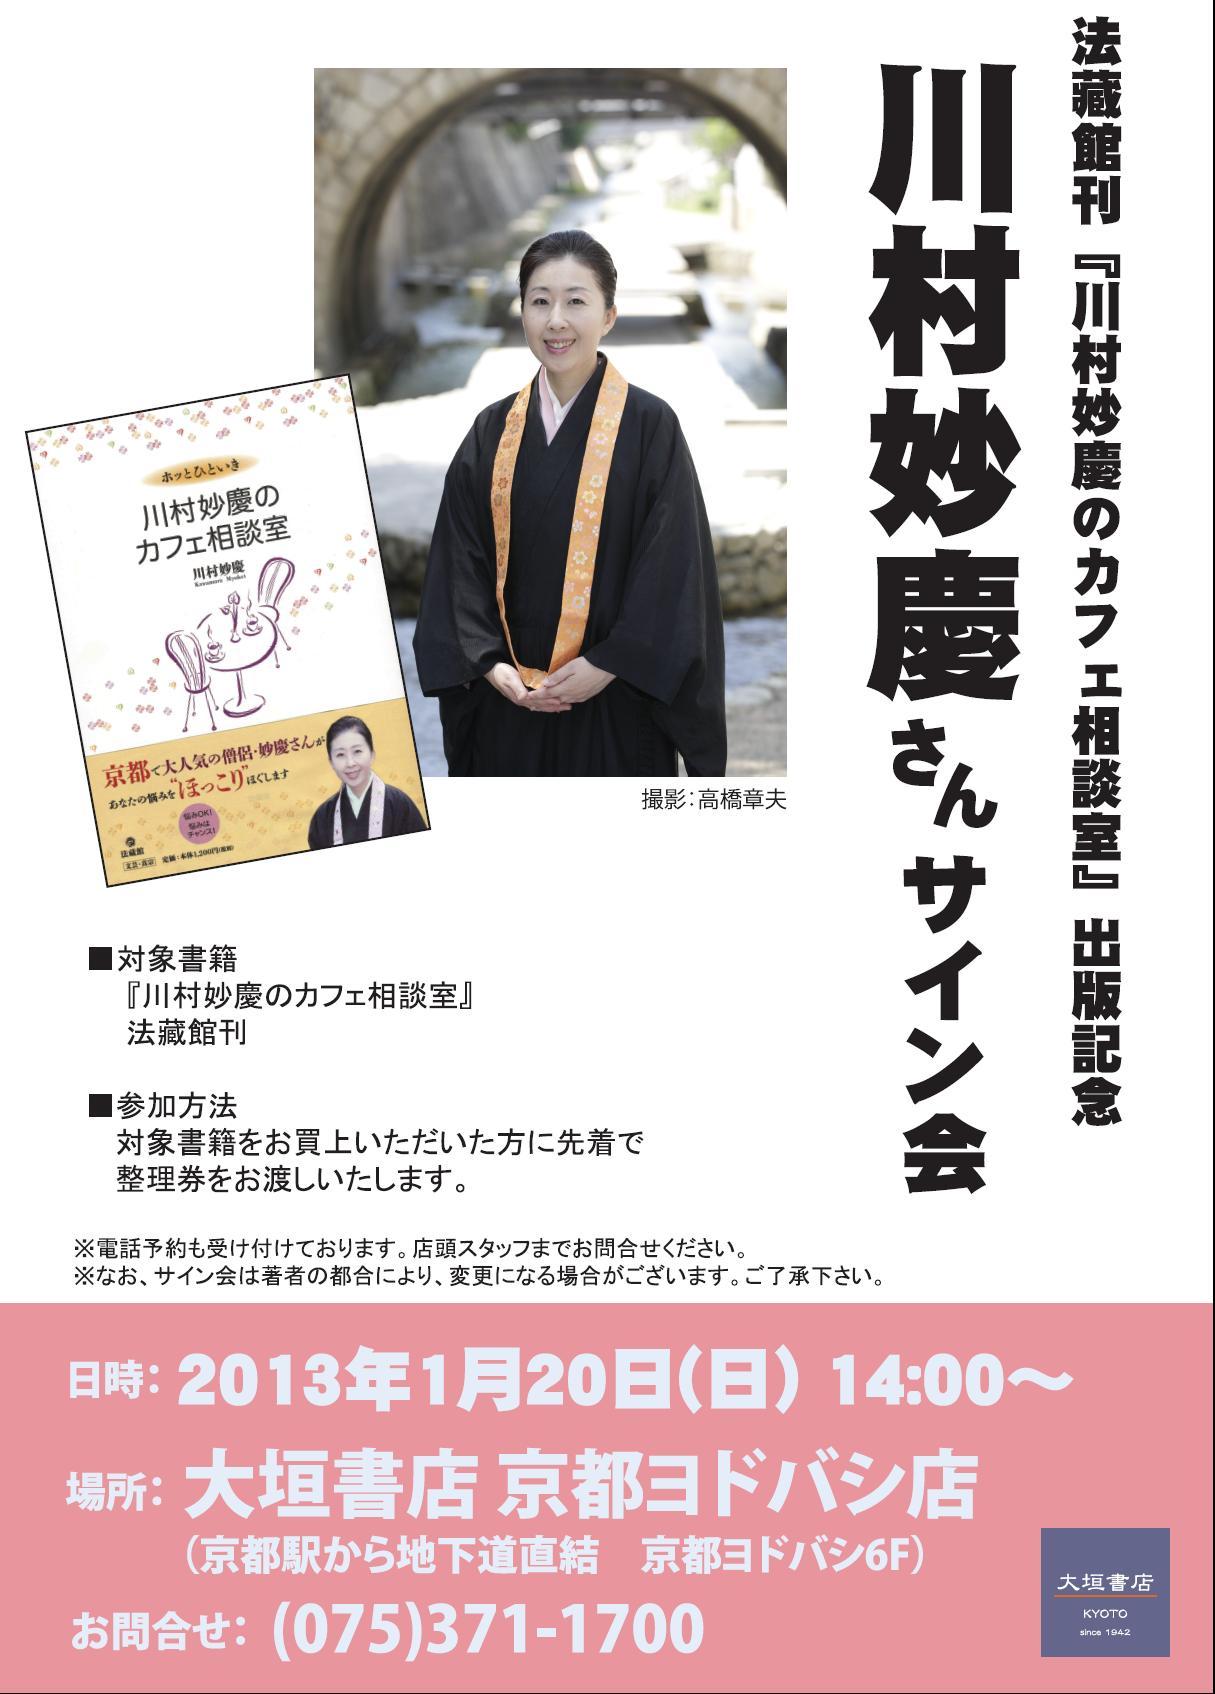 川村妙慶先生サイン会大垣書店ヨドバシ店告知ポスター